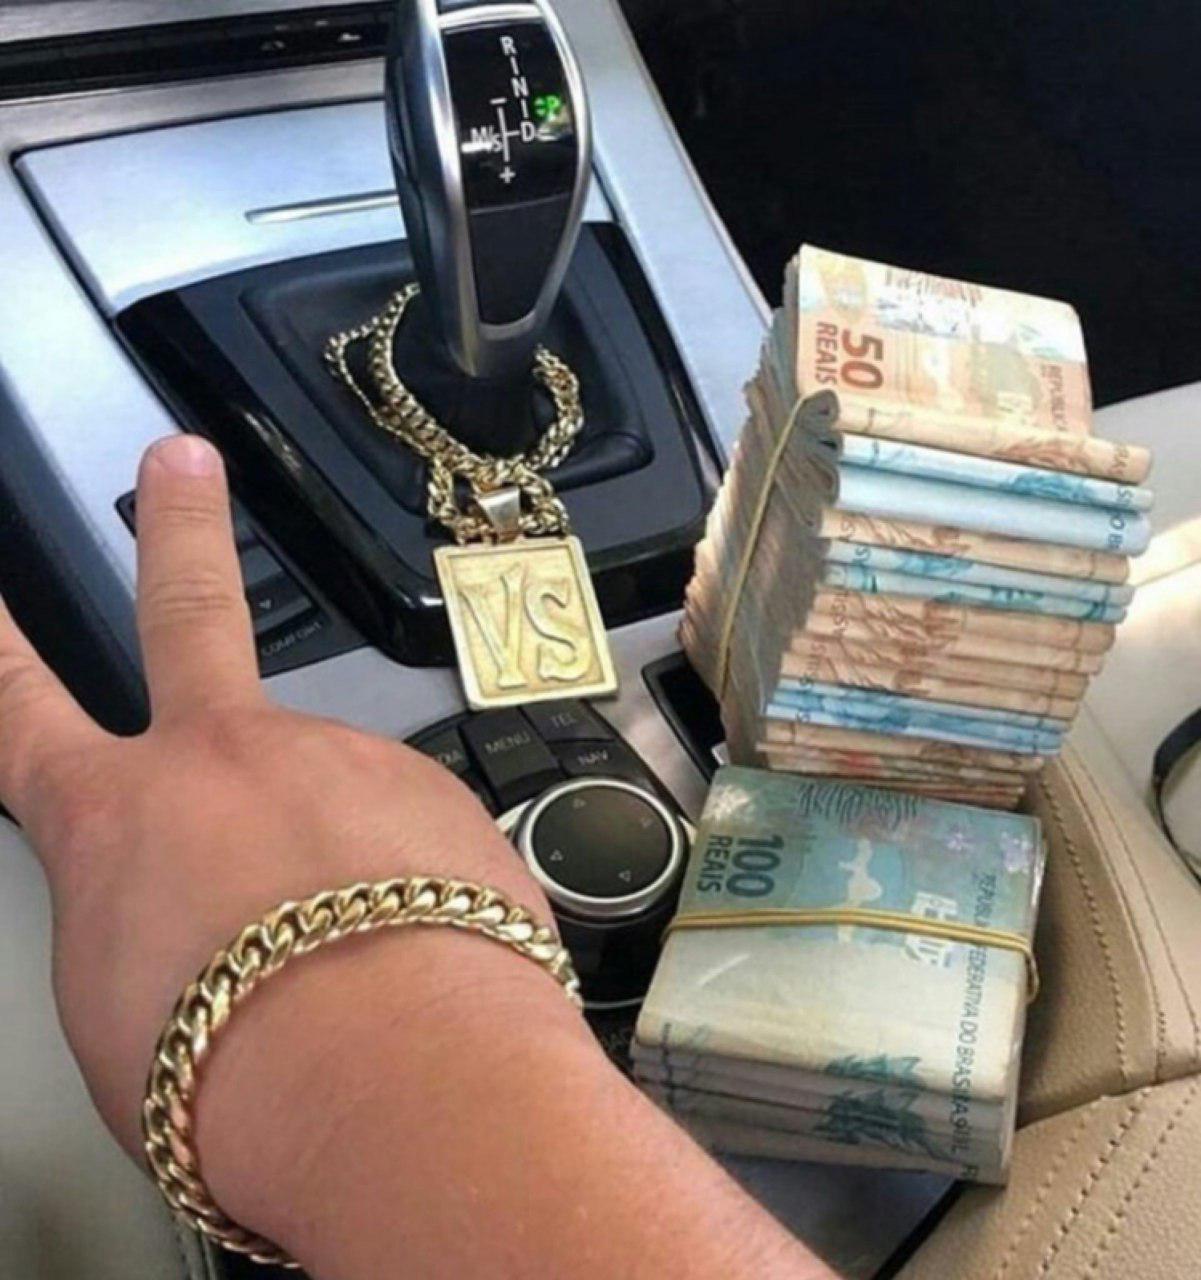 از این شرایط فقط یه کِش پولشو دارم         دروغ گفتم حتی اون کش پول رو هم ندارم avahasti